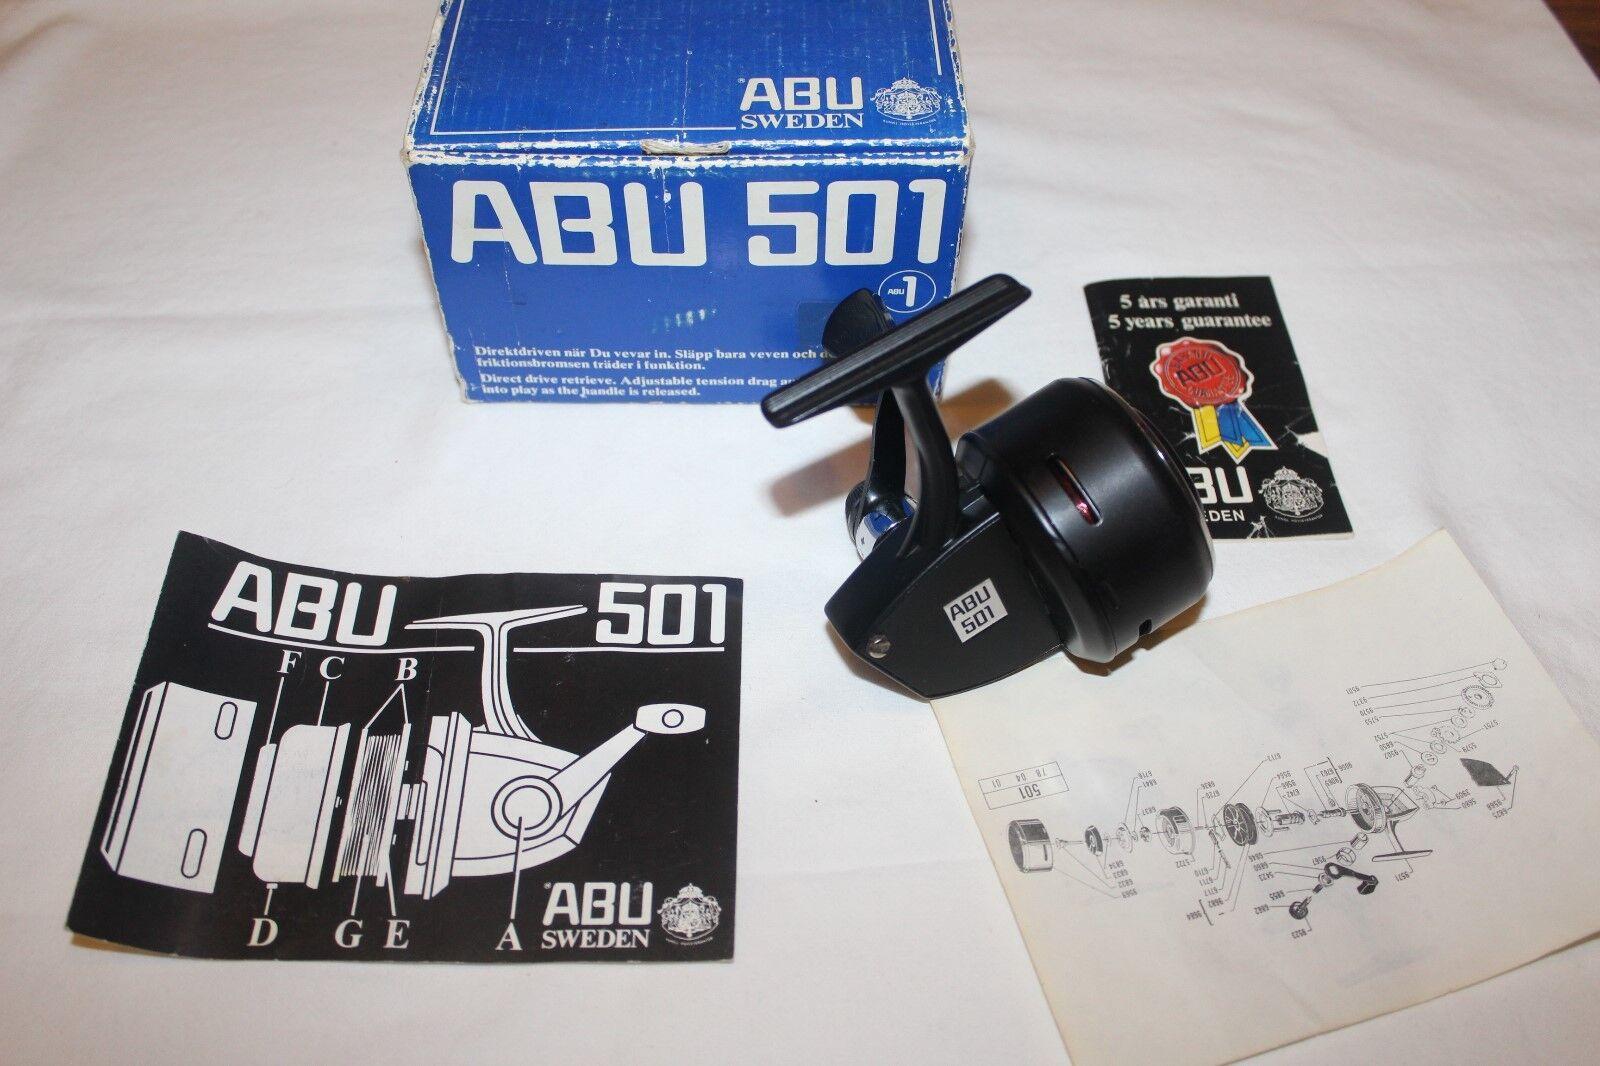 Abu 501 in scatola originale e docuuominitifatto IN SWEDENnr978